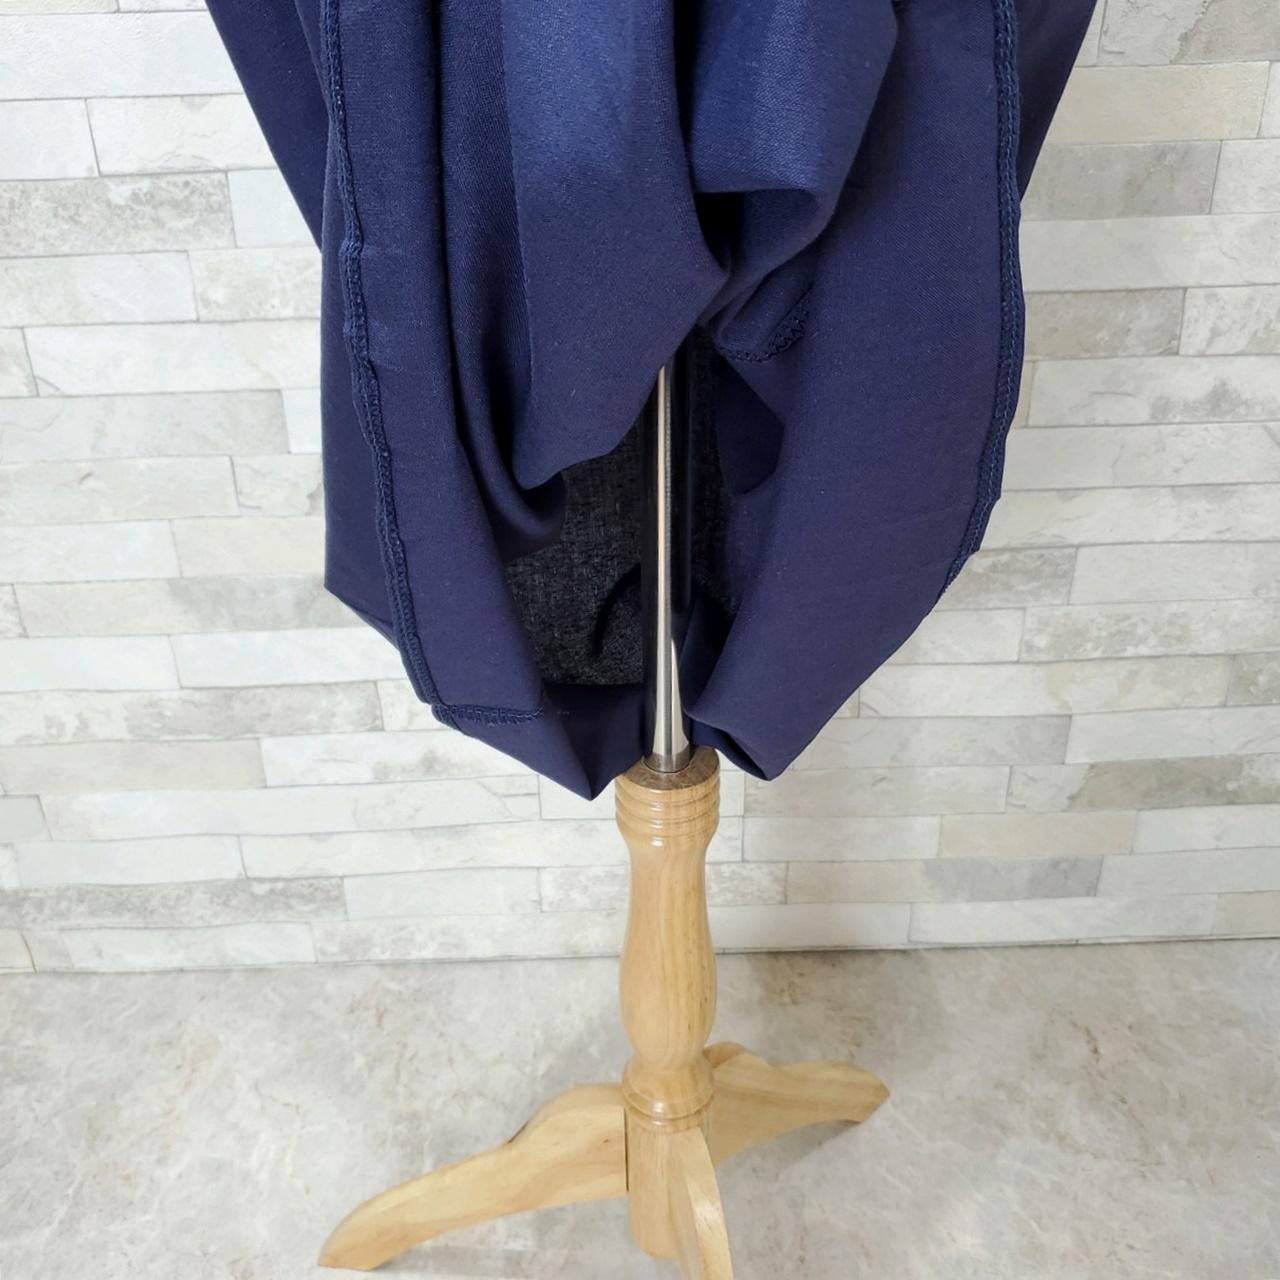 韓国 ファッション ワンピース 春 夏 カジュアル PTXI416  袖コンシャス ゆったり 体型カバー ラフ オルチャン シンプル 定番 セレカジの写真14枚目